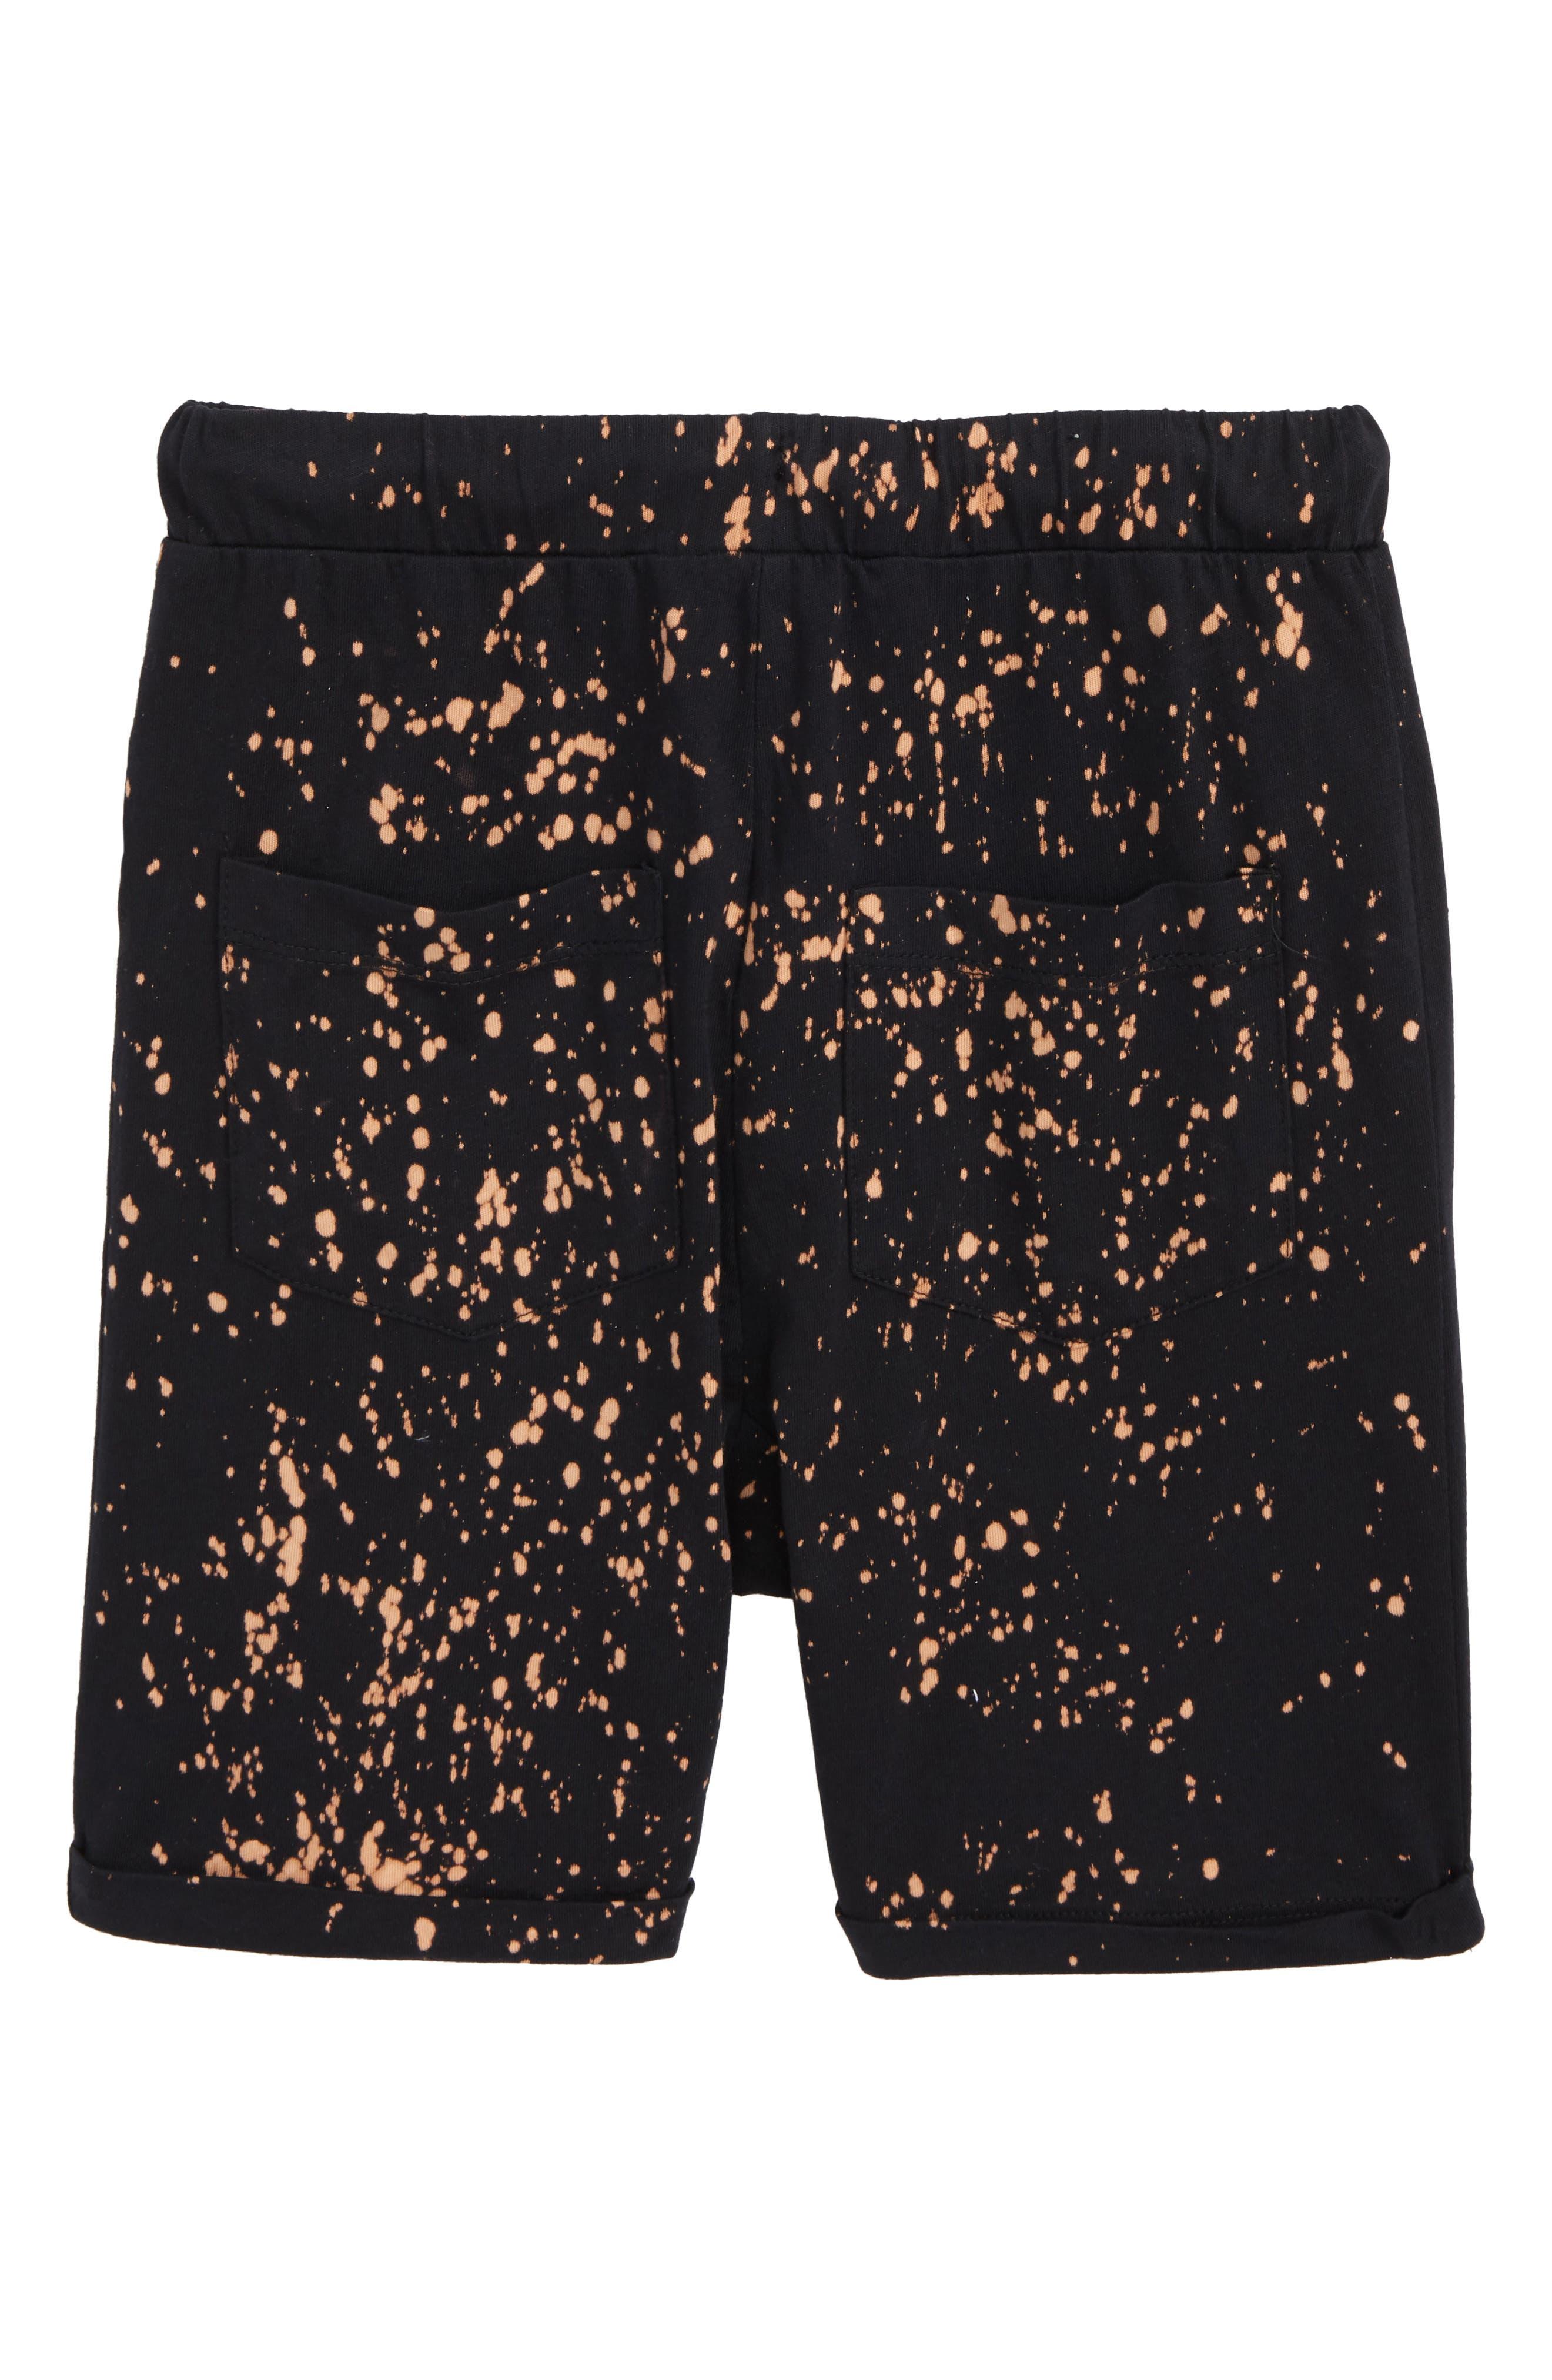 Avalon Knit Shorts,                             Alternate thumbnail 2, color,                             001